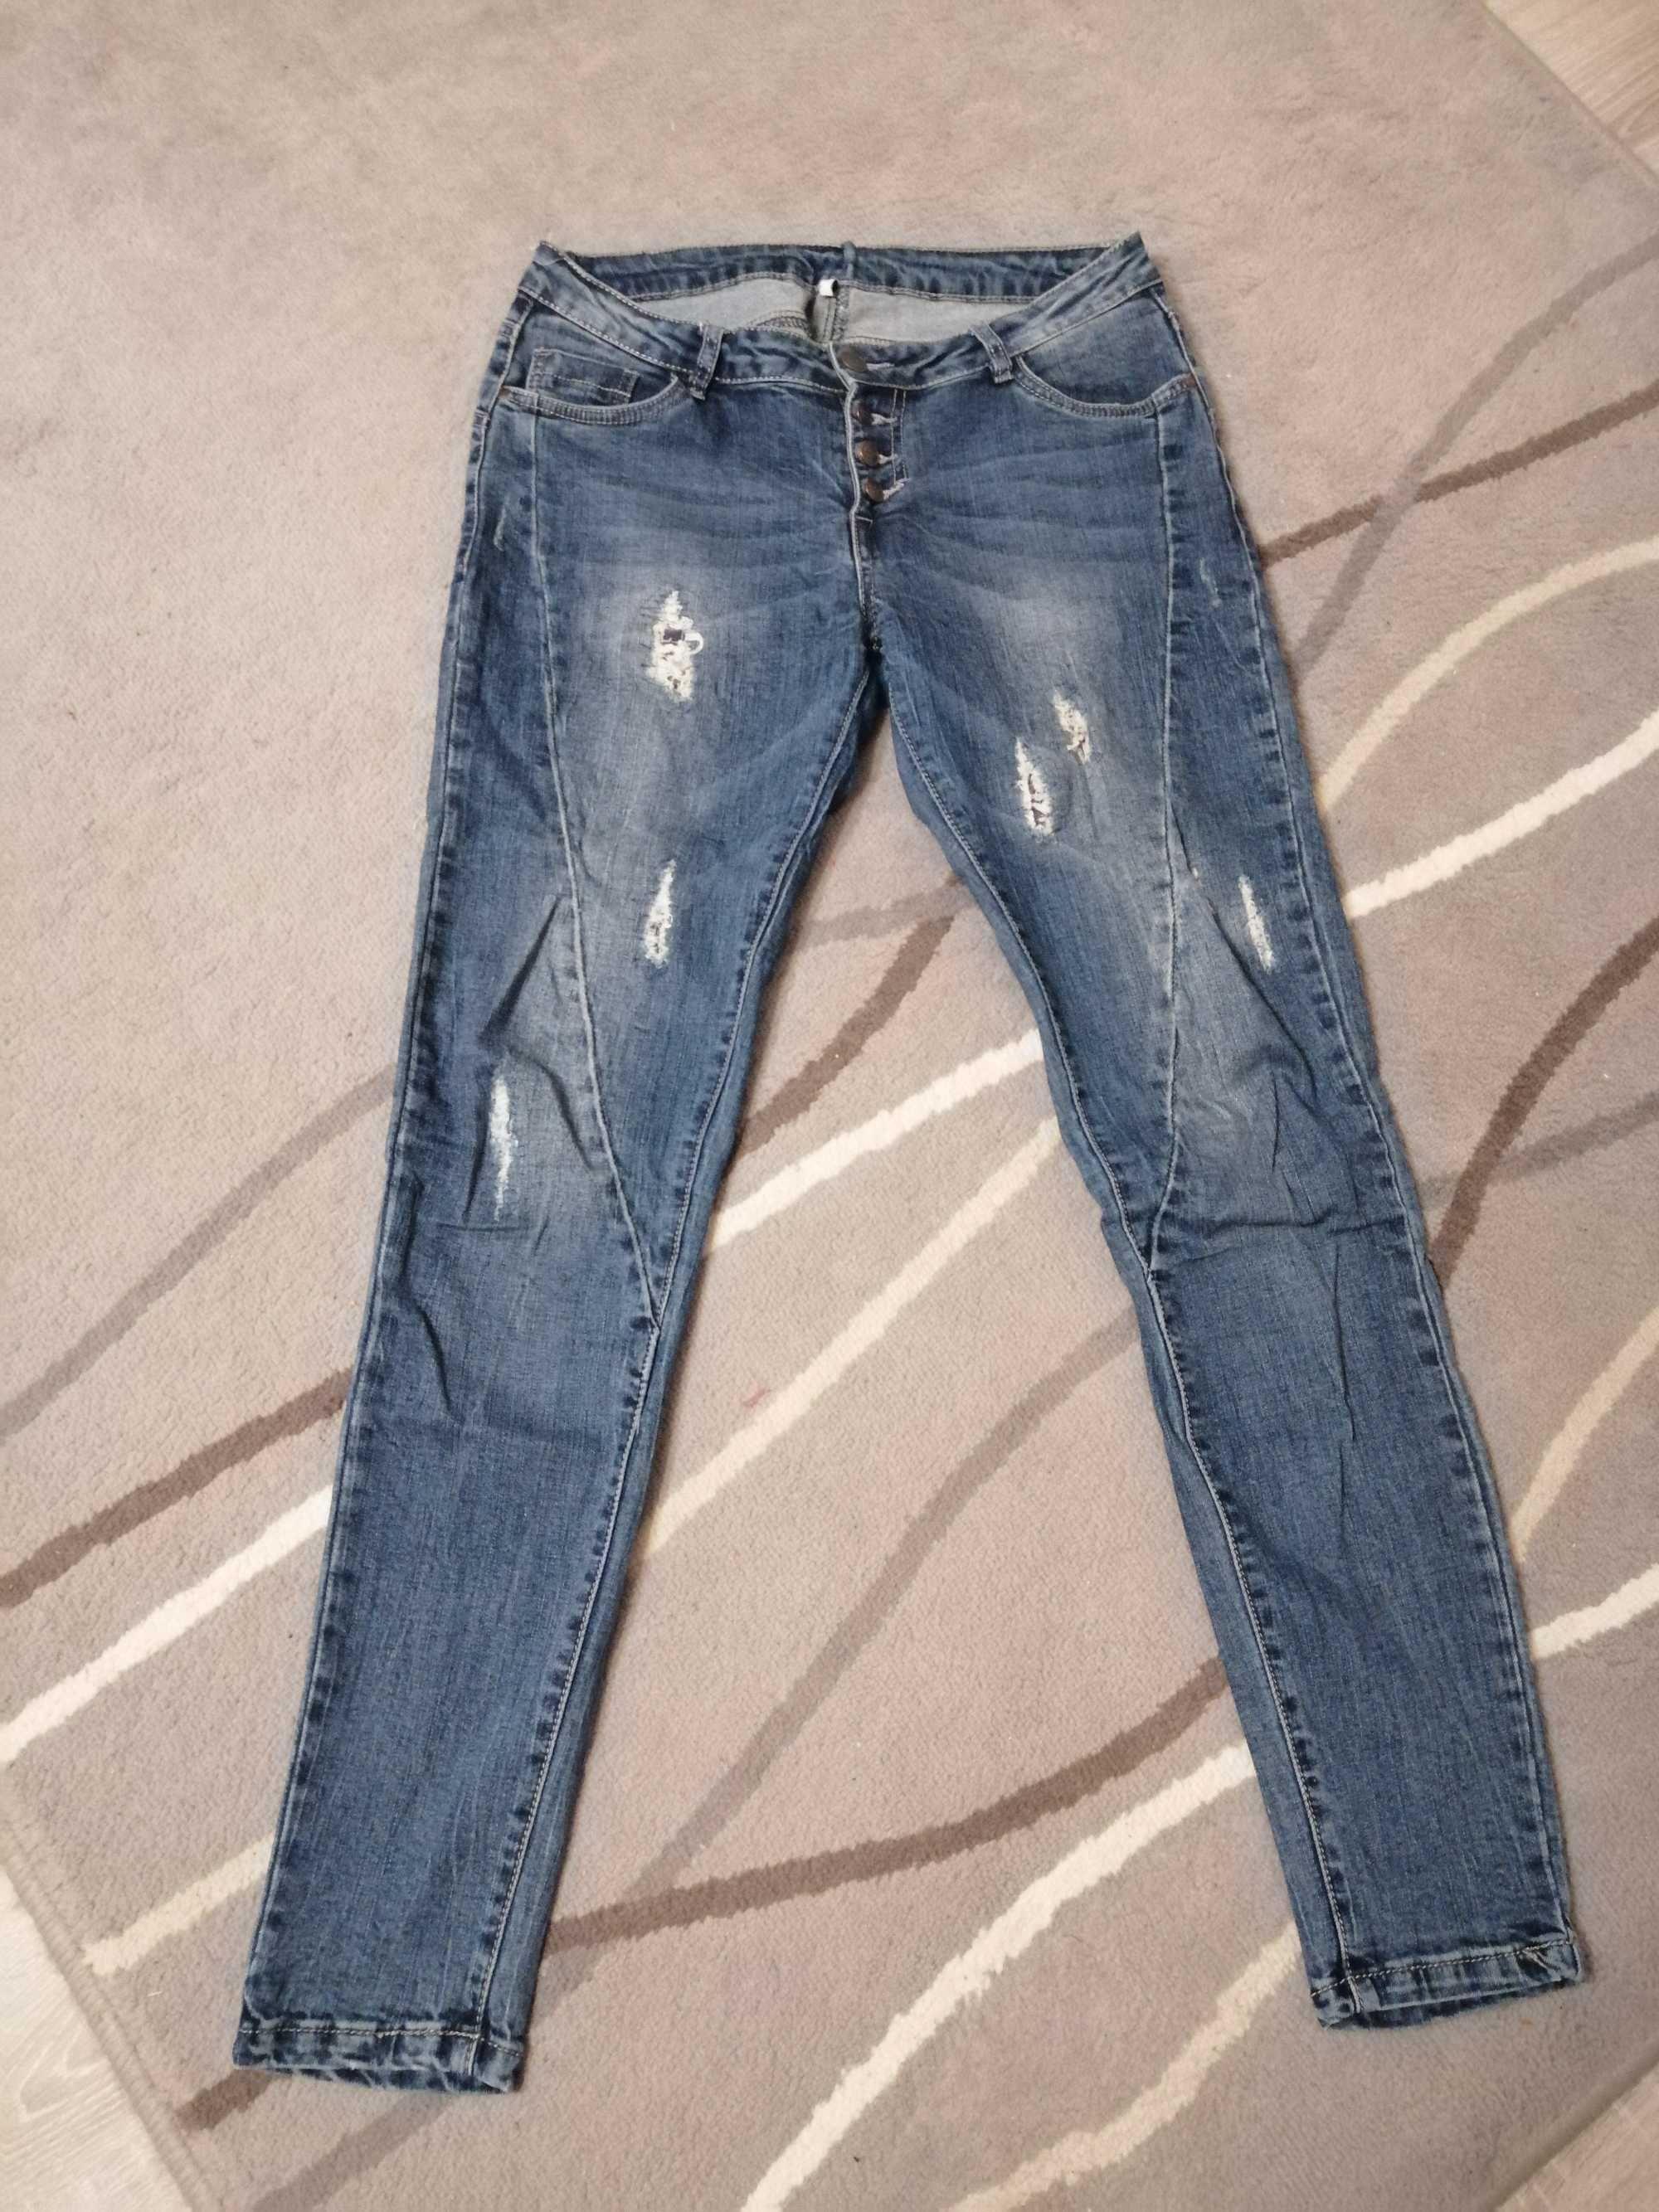 Spodnie jeansy z przetarciami zapinane na guziki 40 L